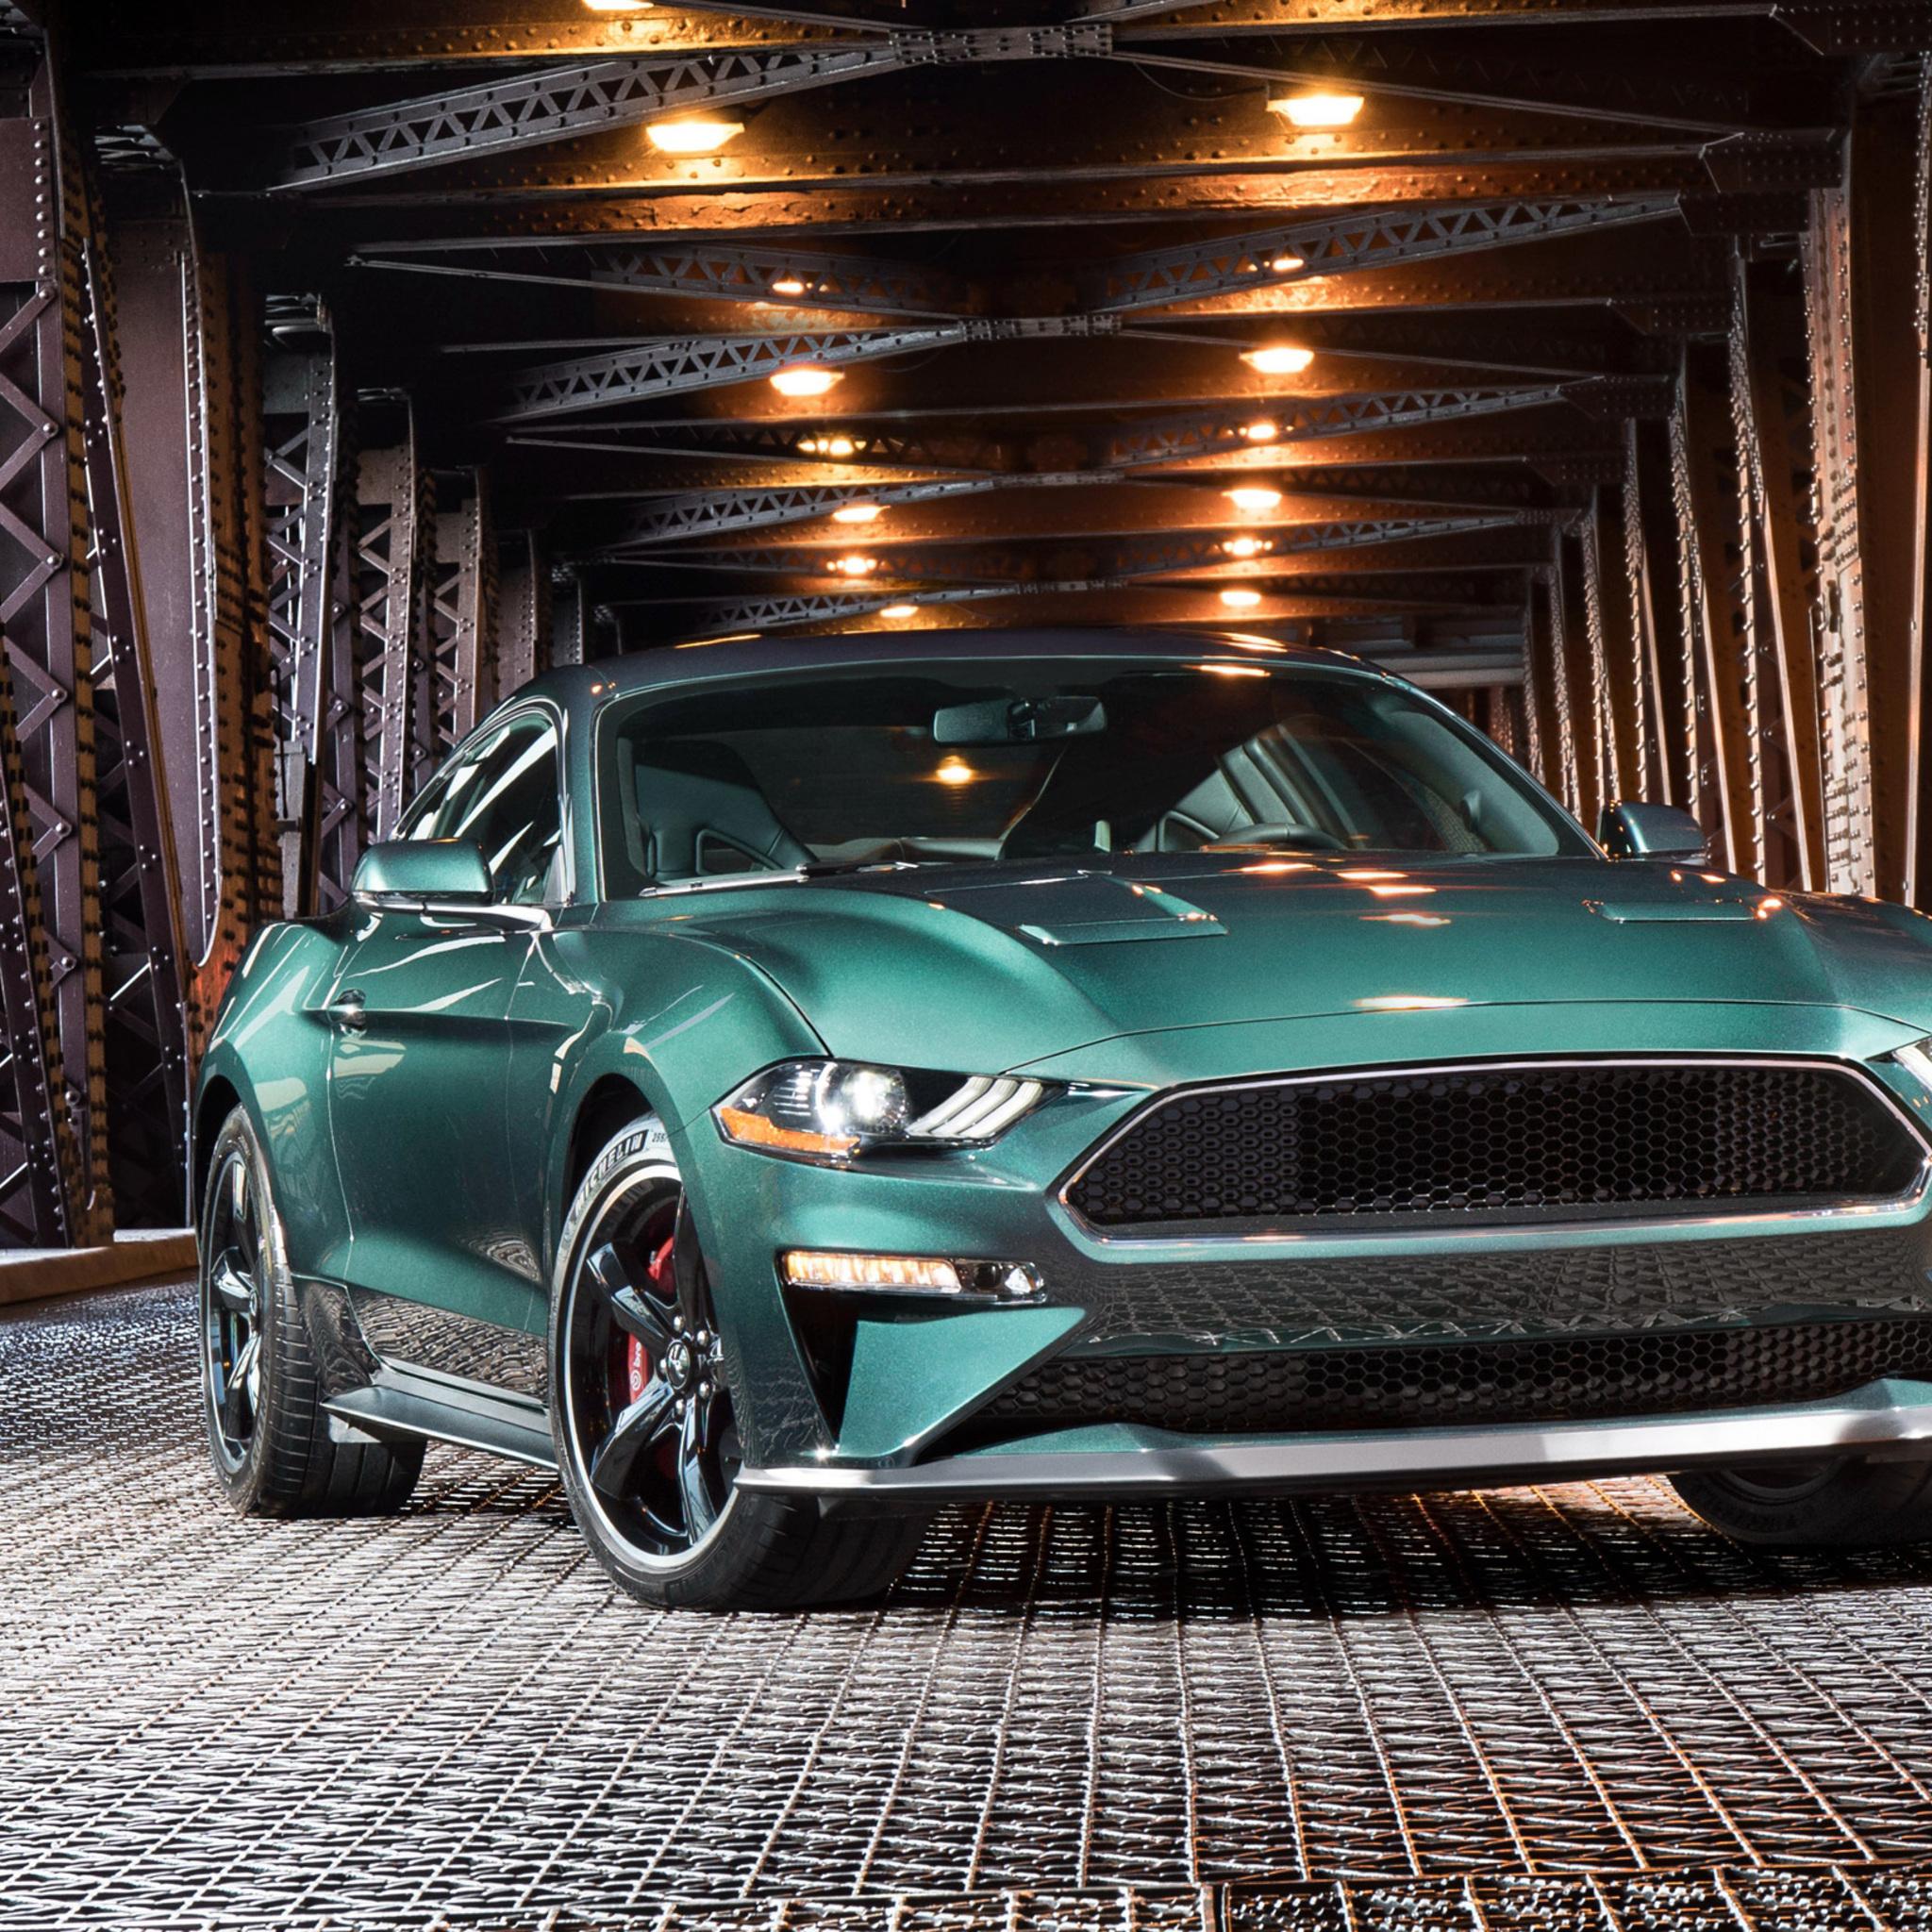 2048x2048 2019 Ford Mustang Bullitt Ipad Air HD 4k